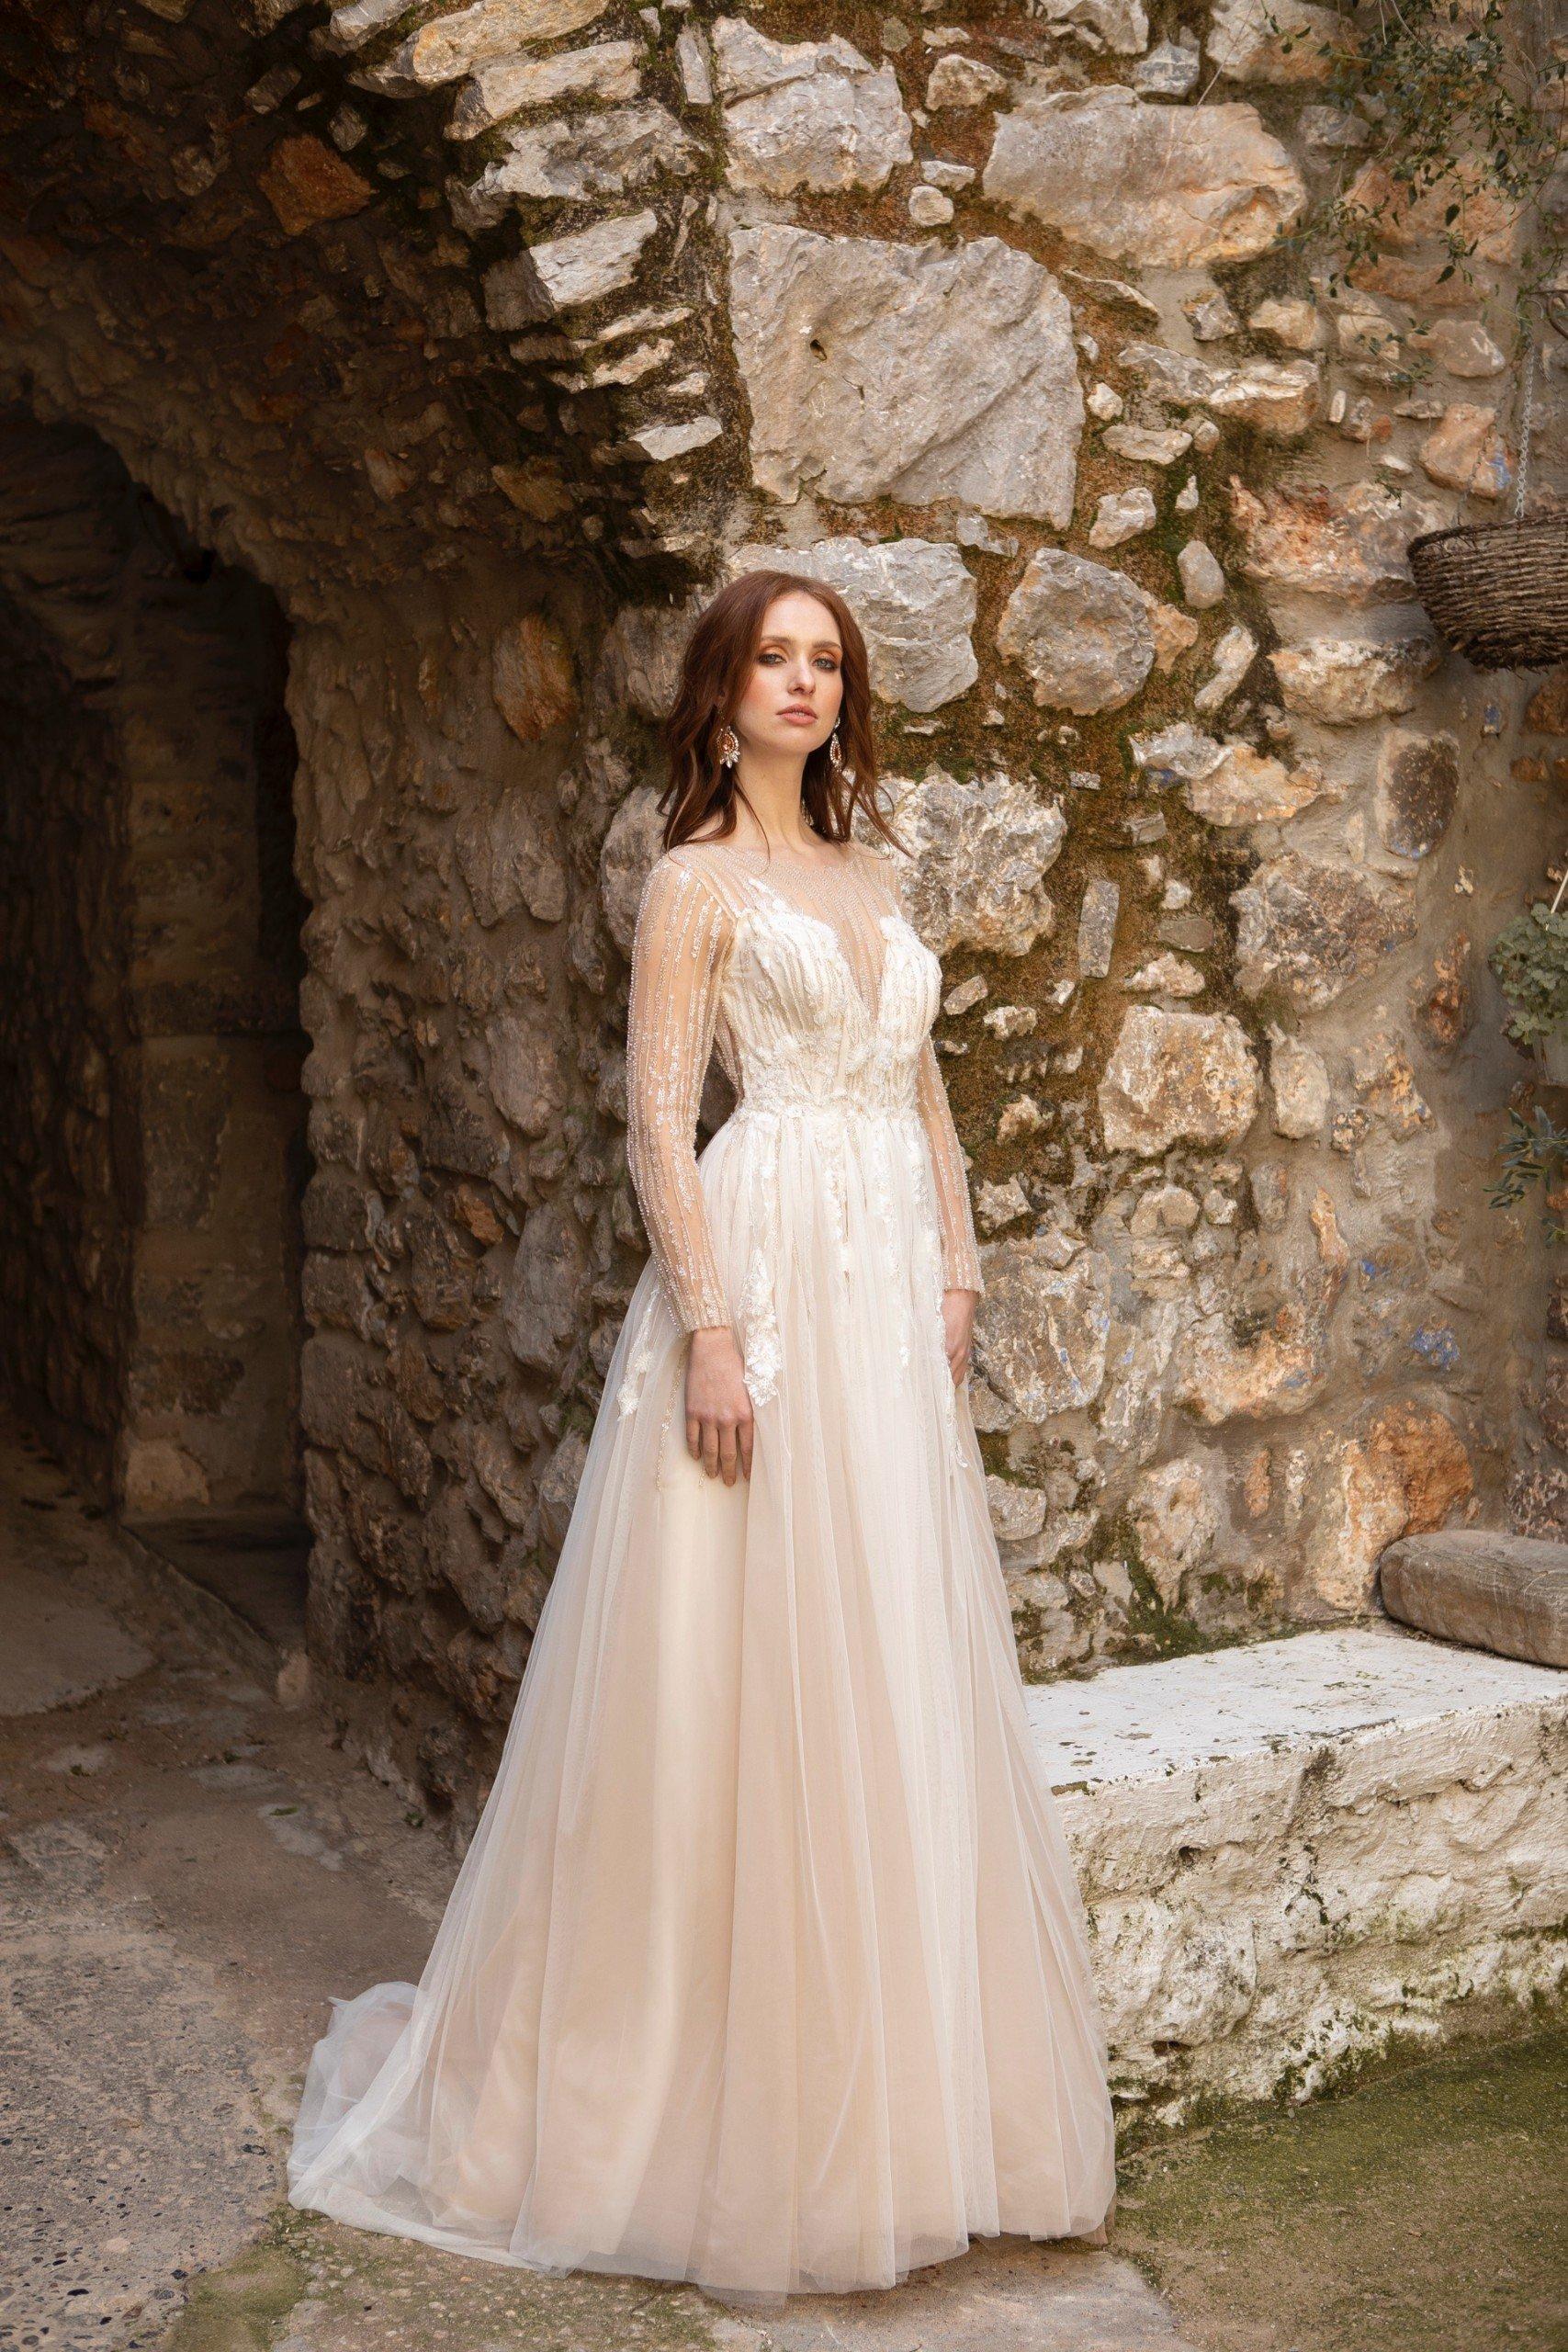 Rückenfreies Hochzeitskleid in Blush mit langen Ärmeln und funkelnden Stickereien von Emine Yildirim, Modell 2054